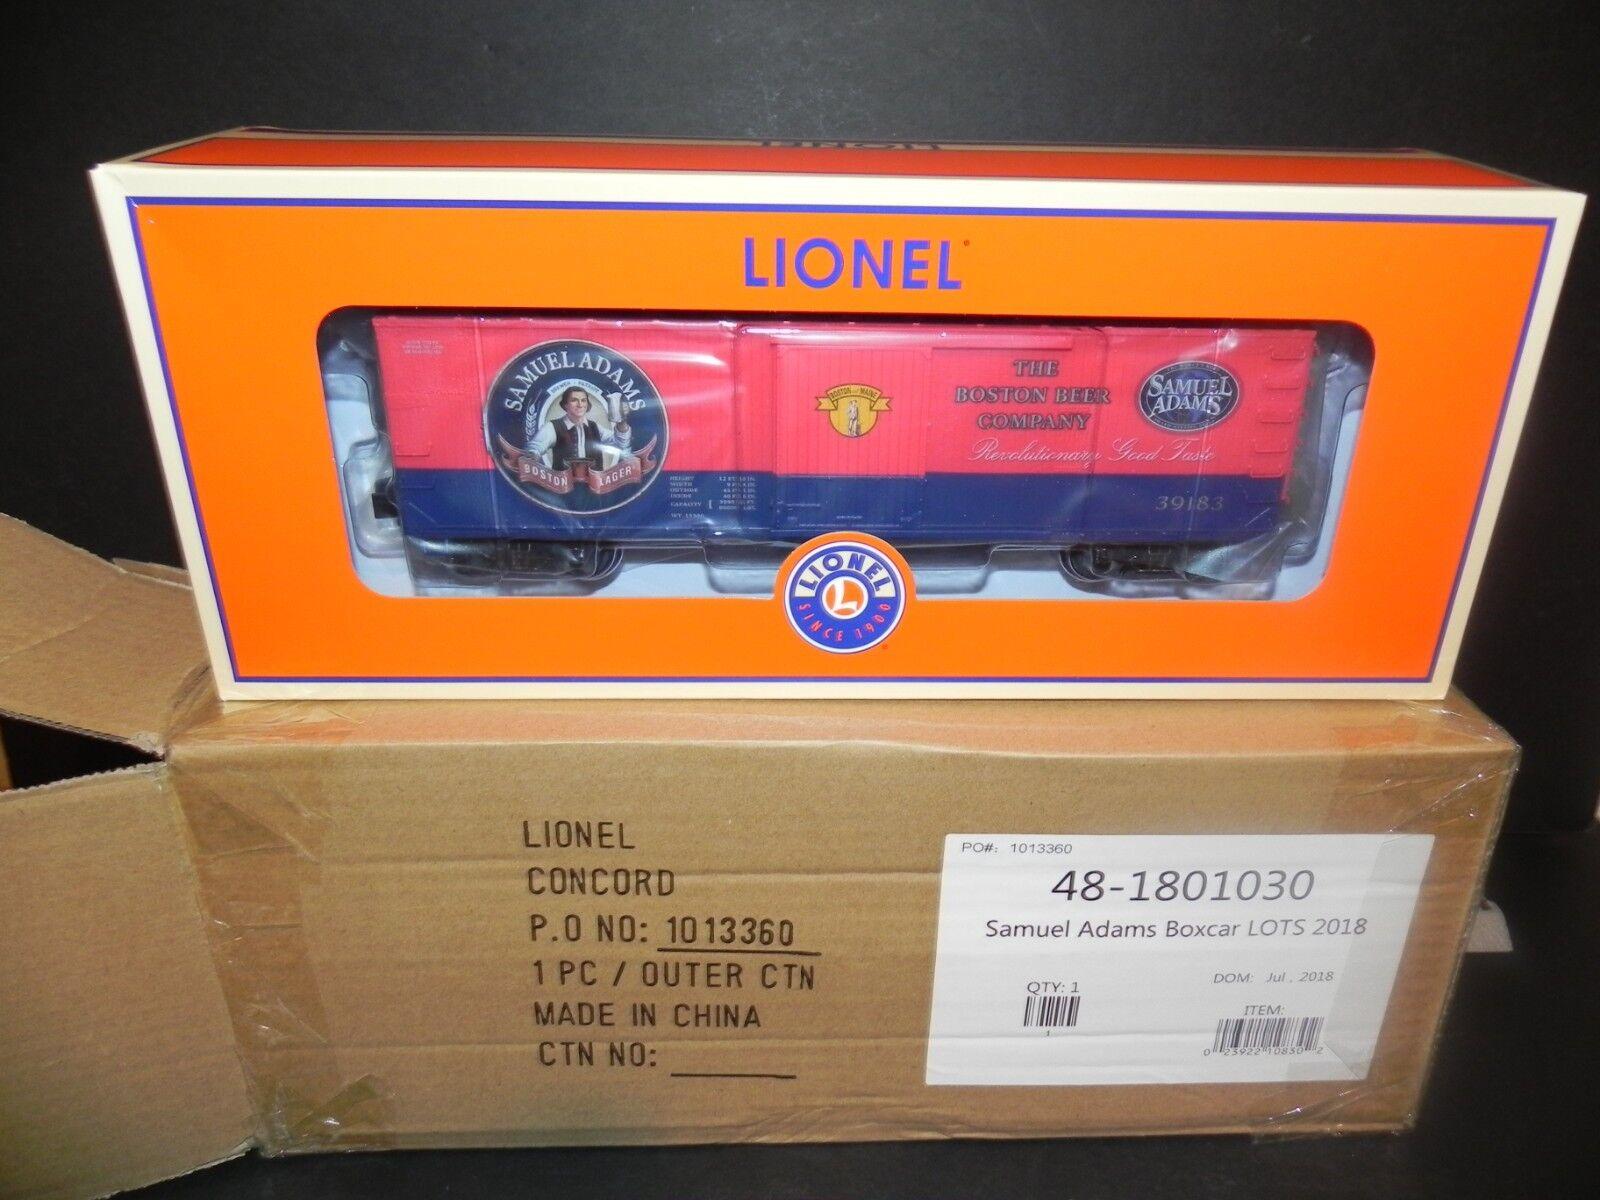 LIONEL 1801030 SAMUEL ADAMS BEER BOXCAR ~ UNCATALOGED LOTS SPECIAL - Free SHIP